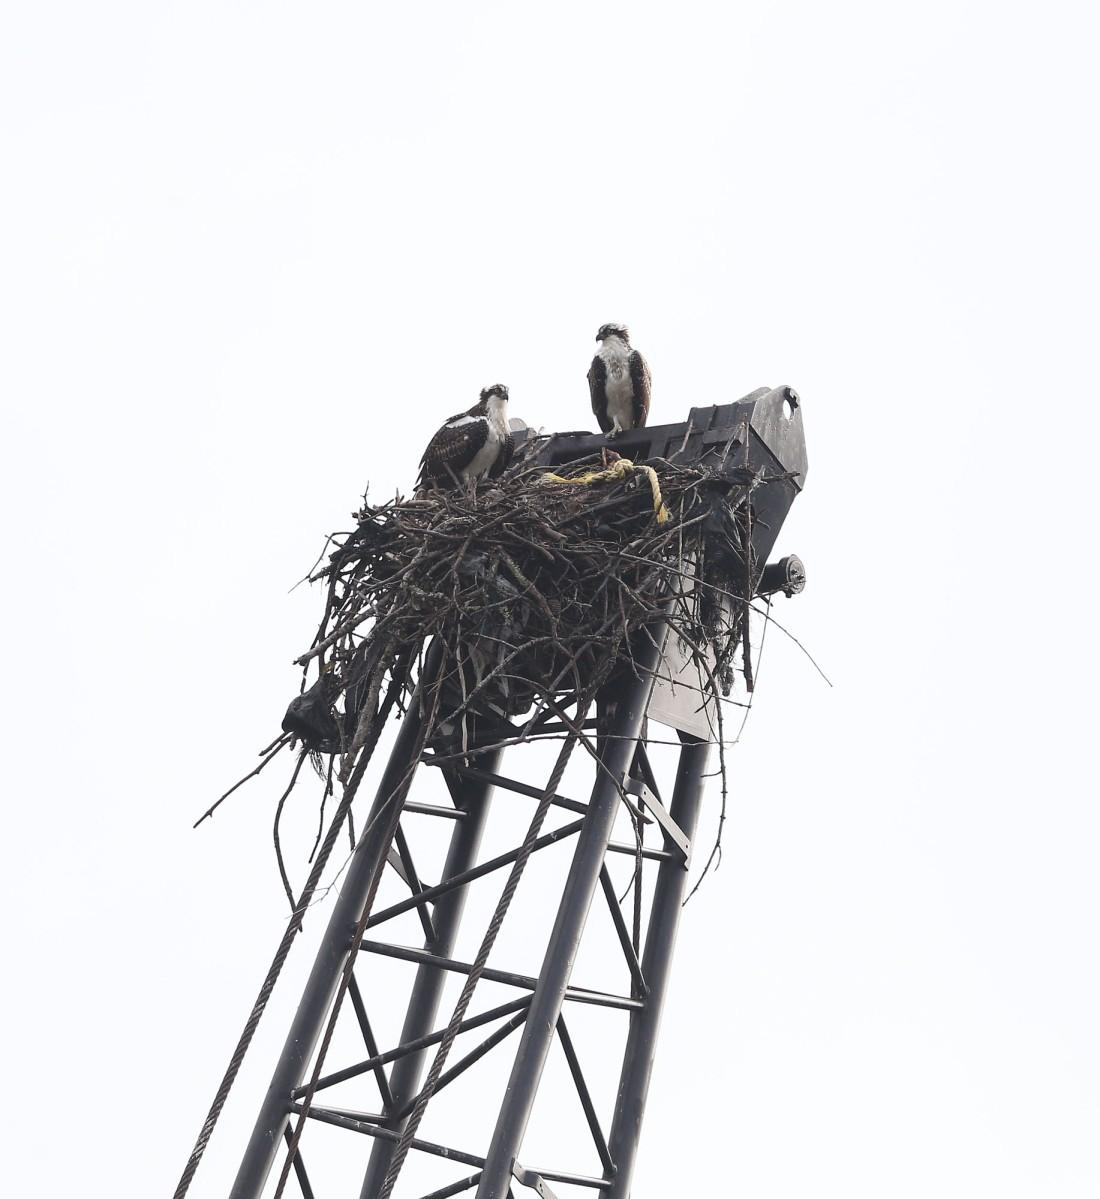 juvenile Ospreys atop crane